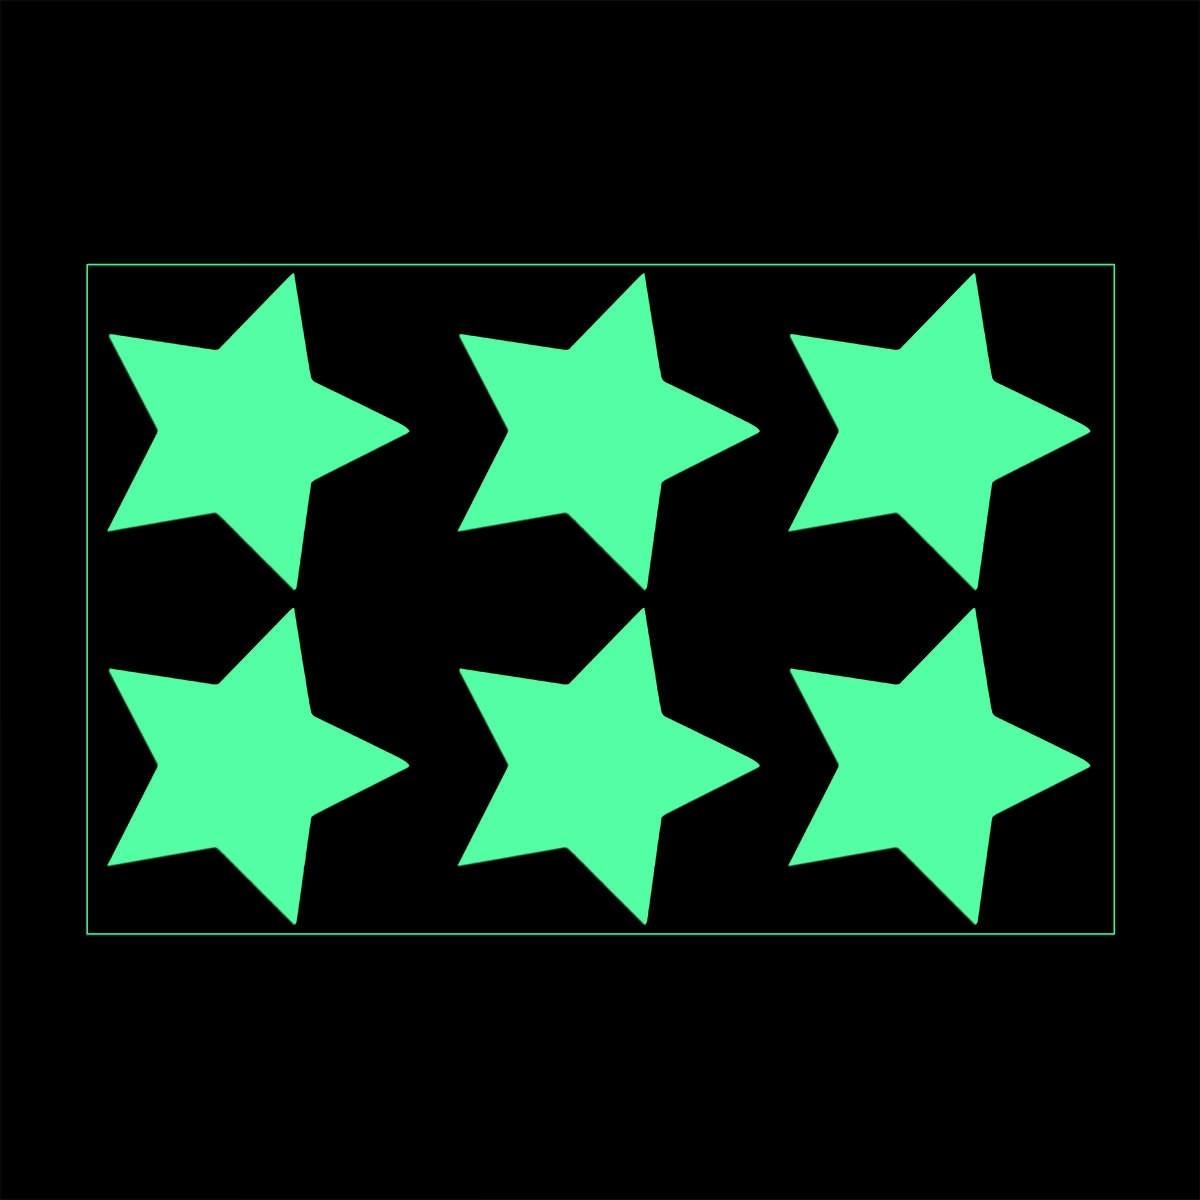 6 Leuchtsticker Sterne zum Aufkleben leuchten bei Dunkelheit in der Nacht